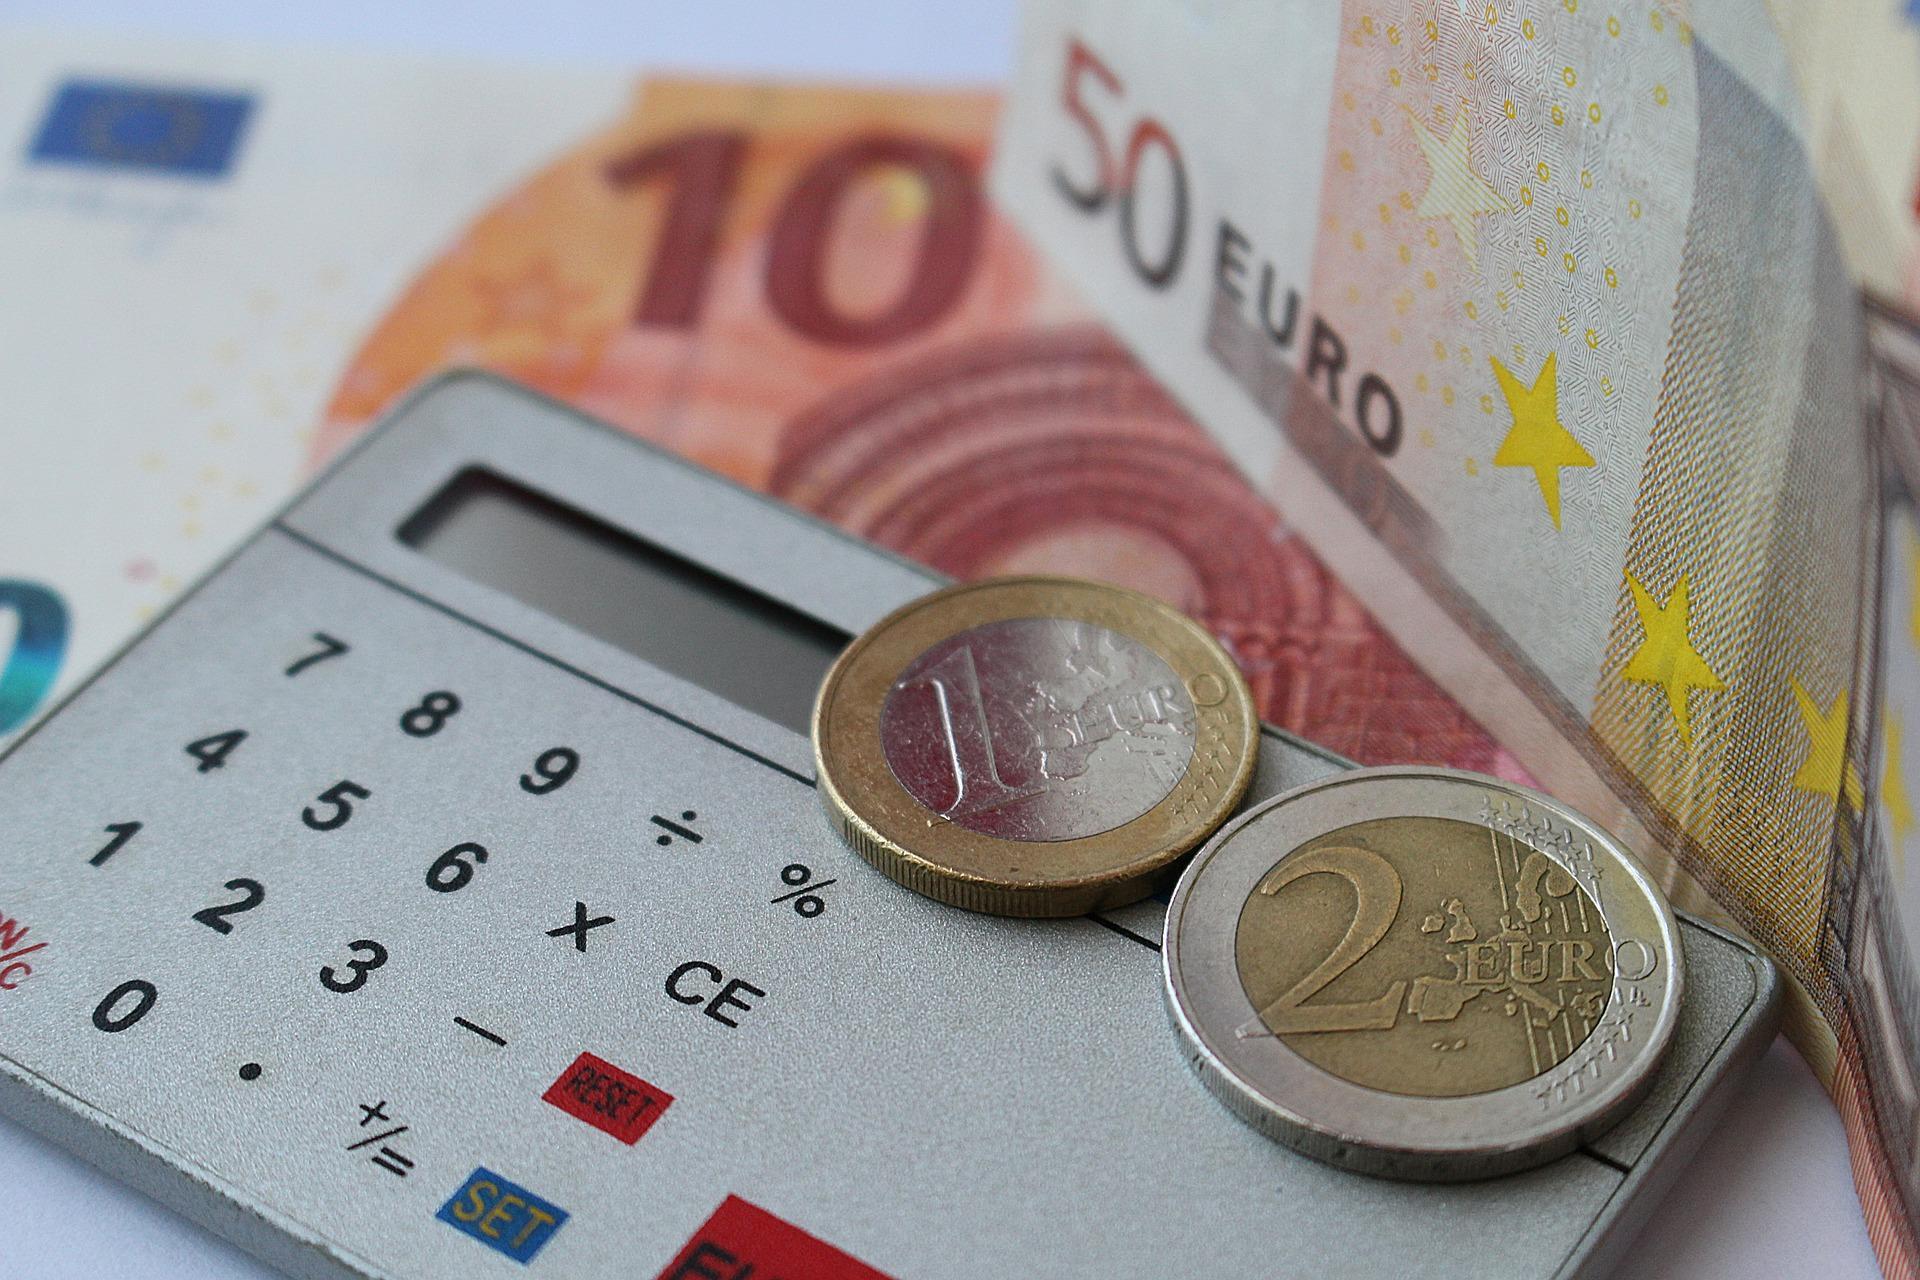 Bild Geld Taschenrechner